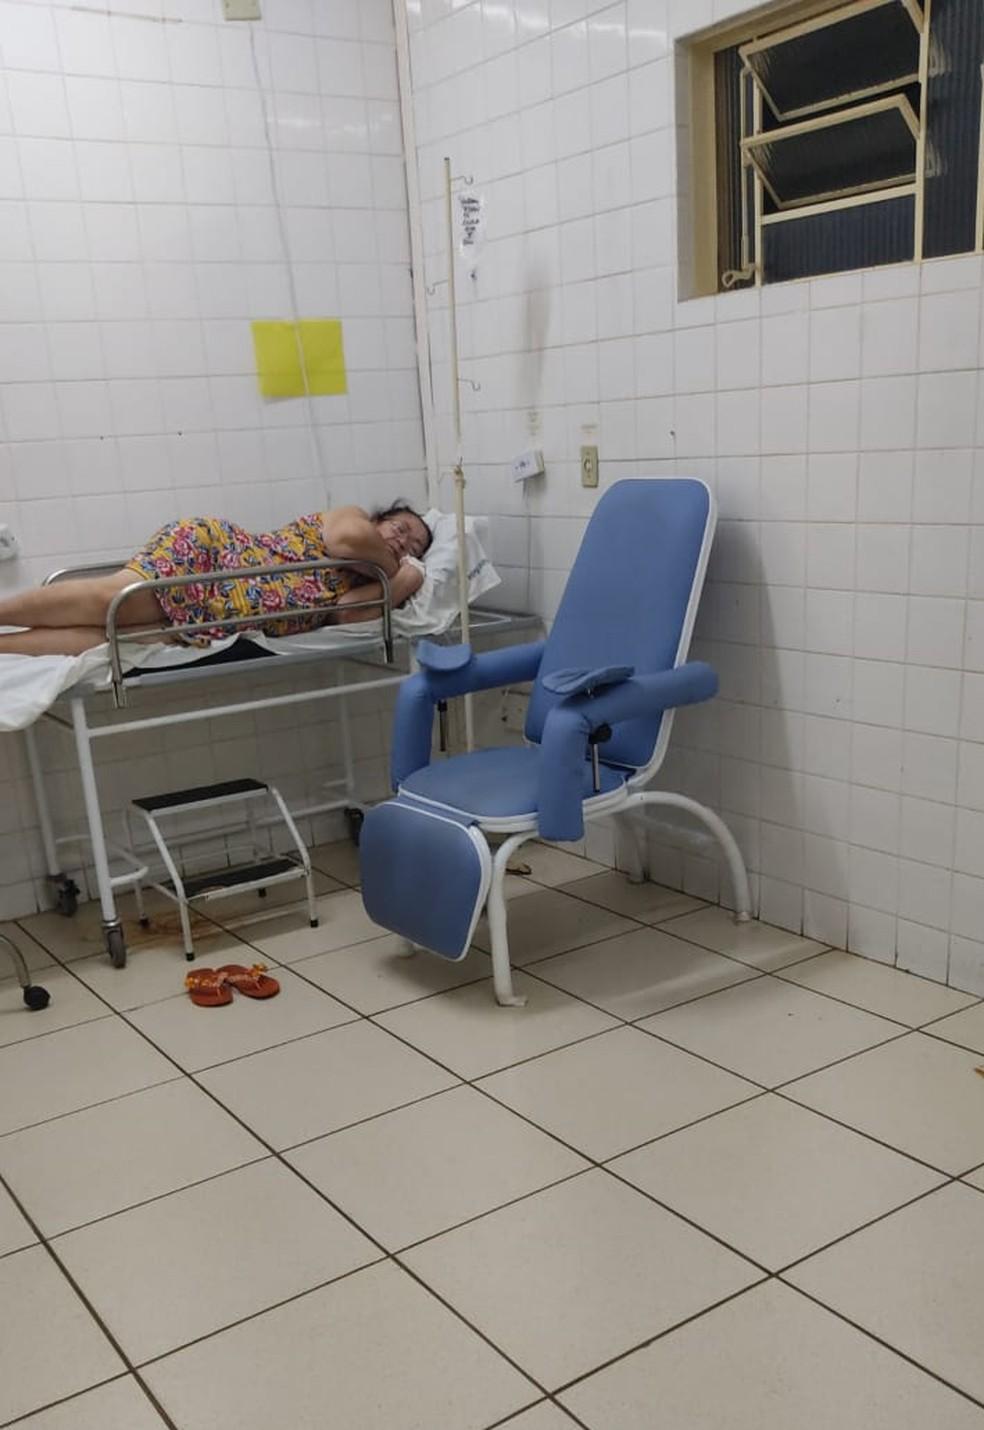 Sebastiana Brites está internada em UPA aguardando transferência para um hospital de Campo Grande — Foto: Walquiria Brites/Arquivo pessoal